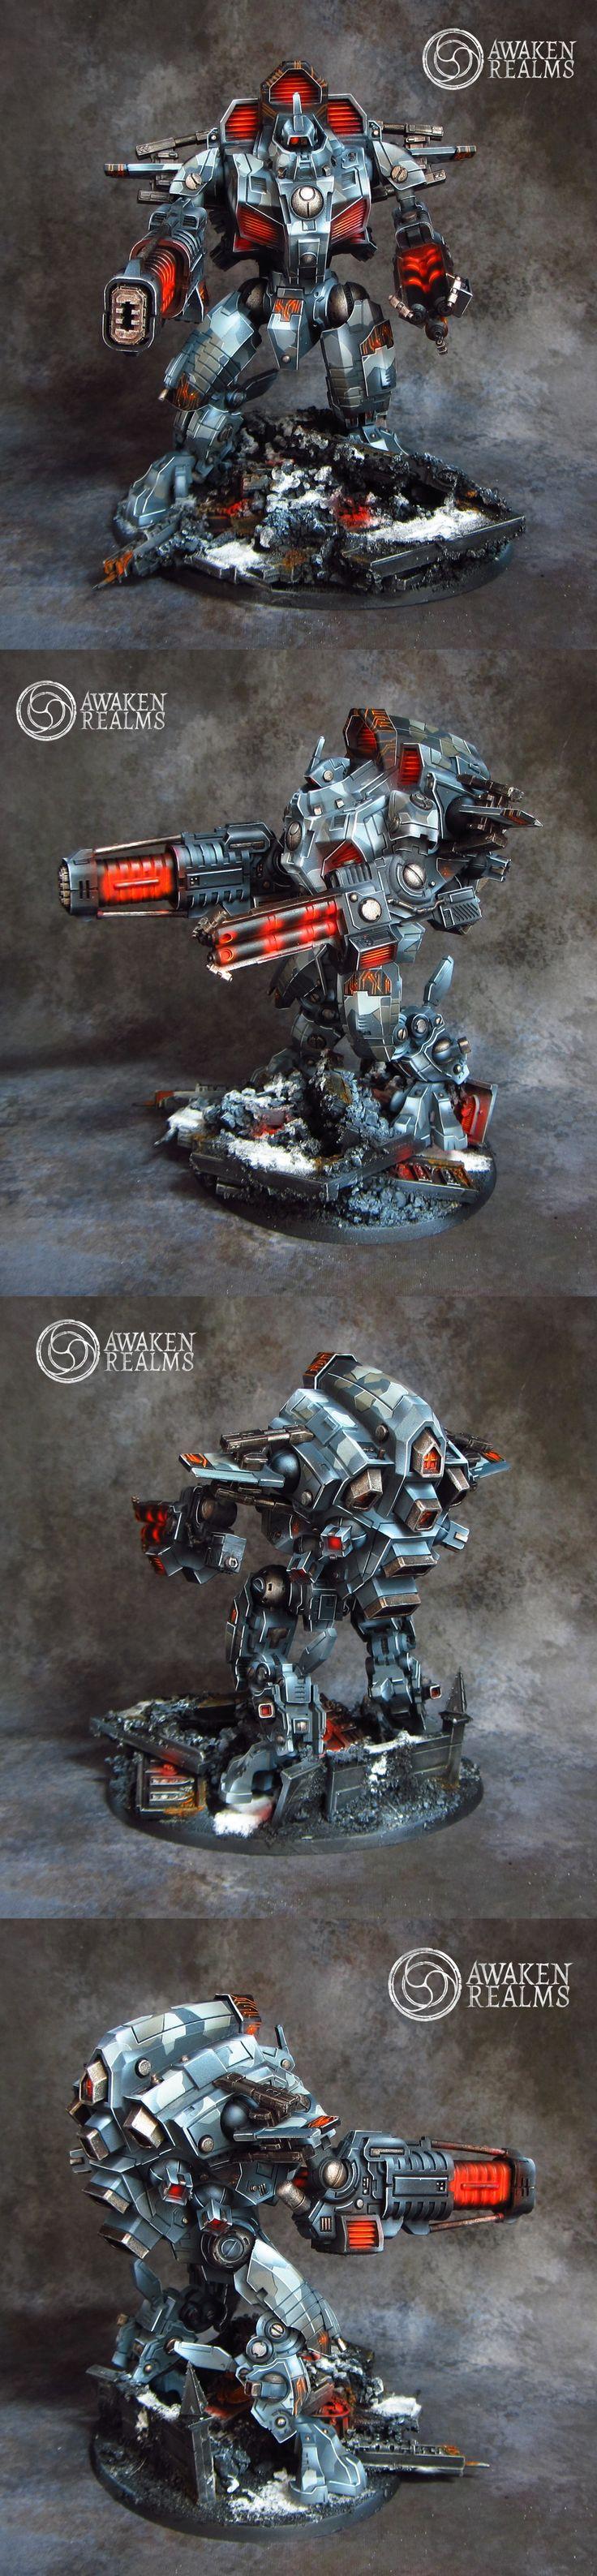 High-tech Tau Army by Awaken Realms